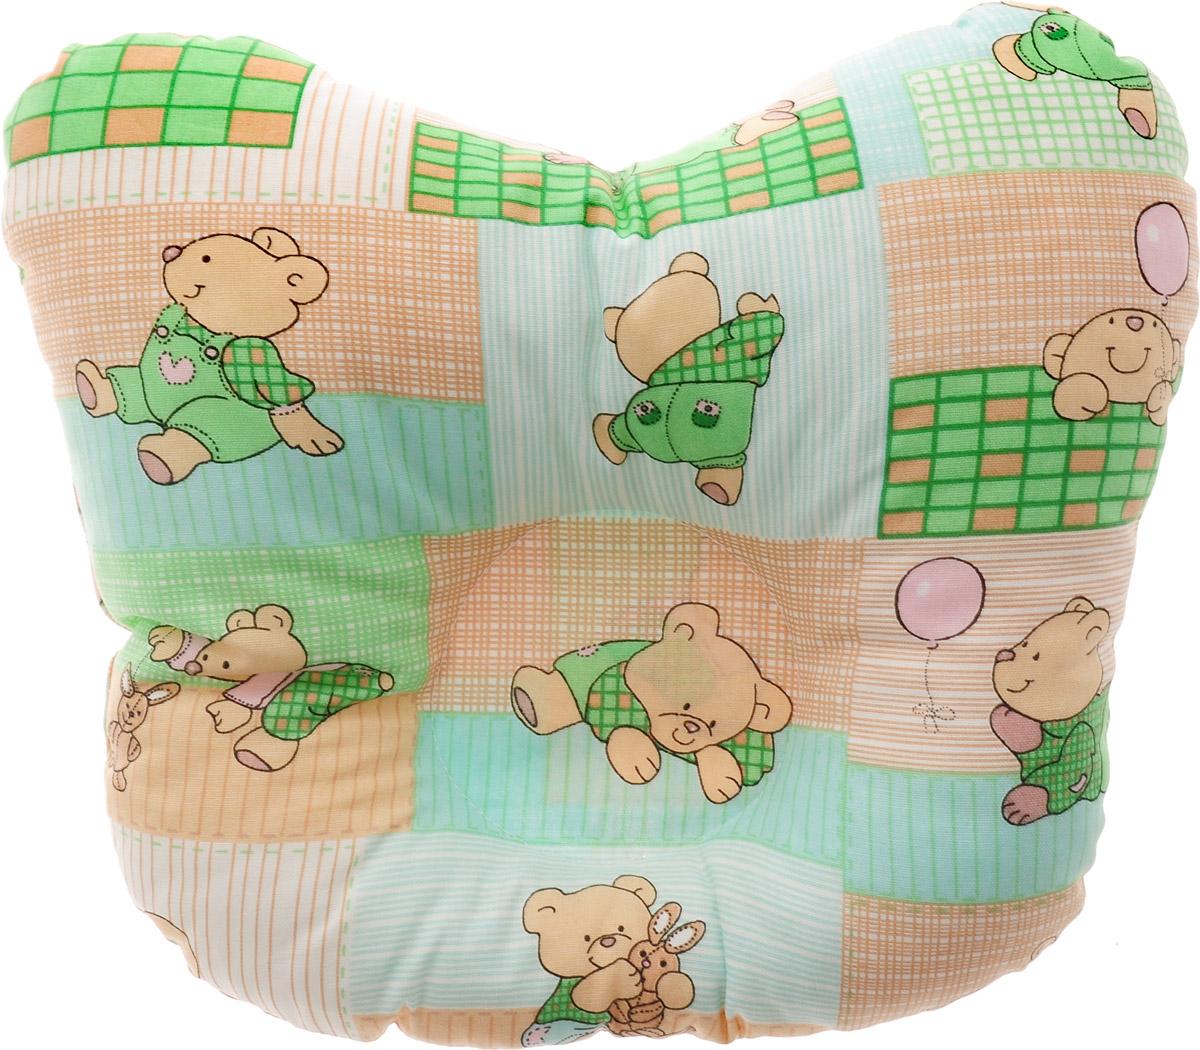 Сонный гномик Подушка анатомическая для младенцев Мишки и заяц цвет светло-зеленый бежевый 27 х 27 см